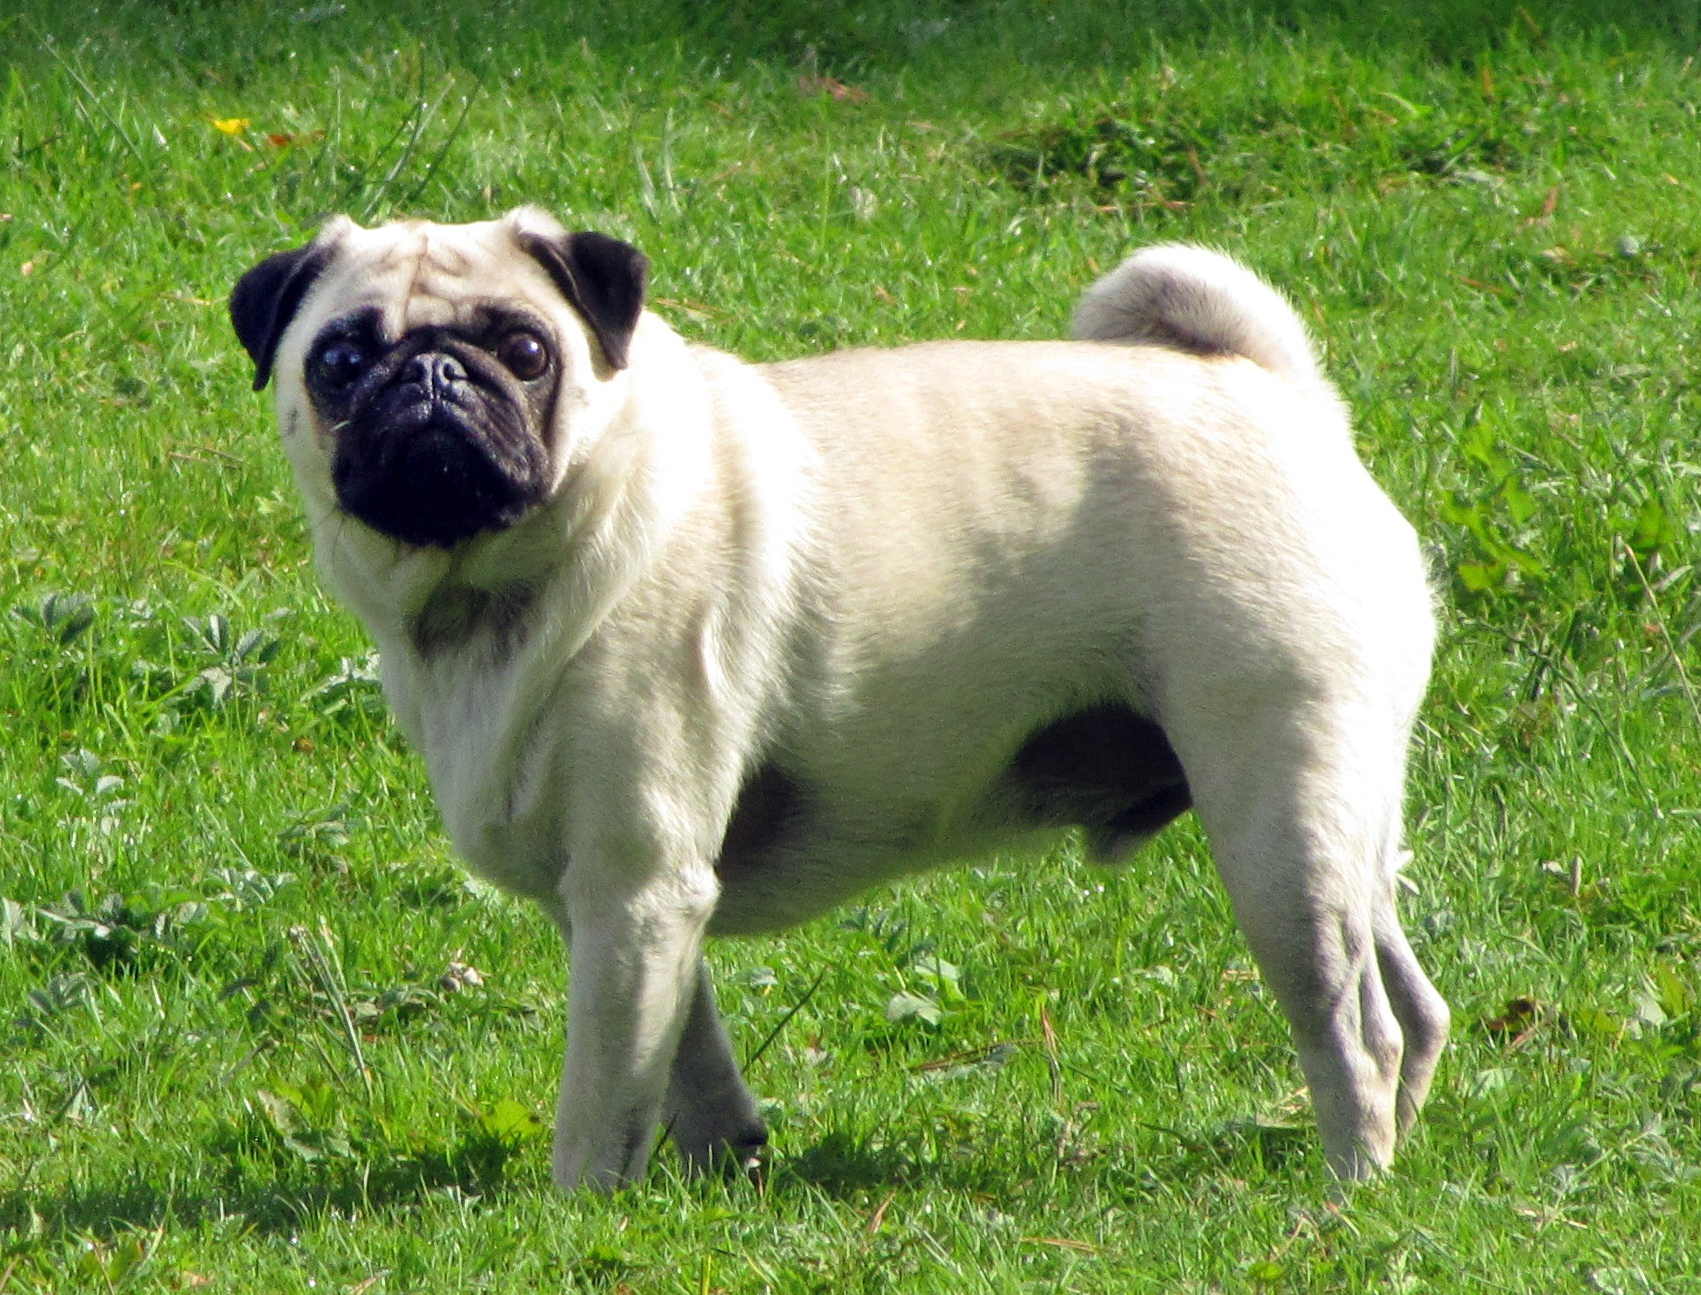 สุนัขพันธุ์ปั๊ก (Pug)